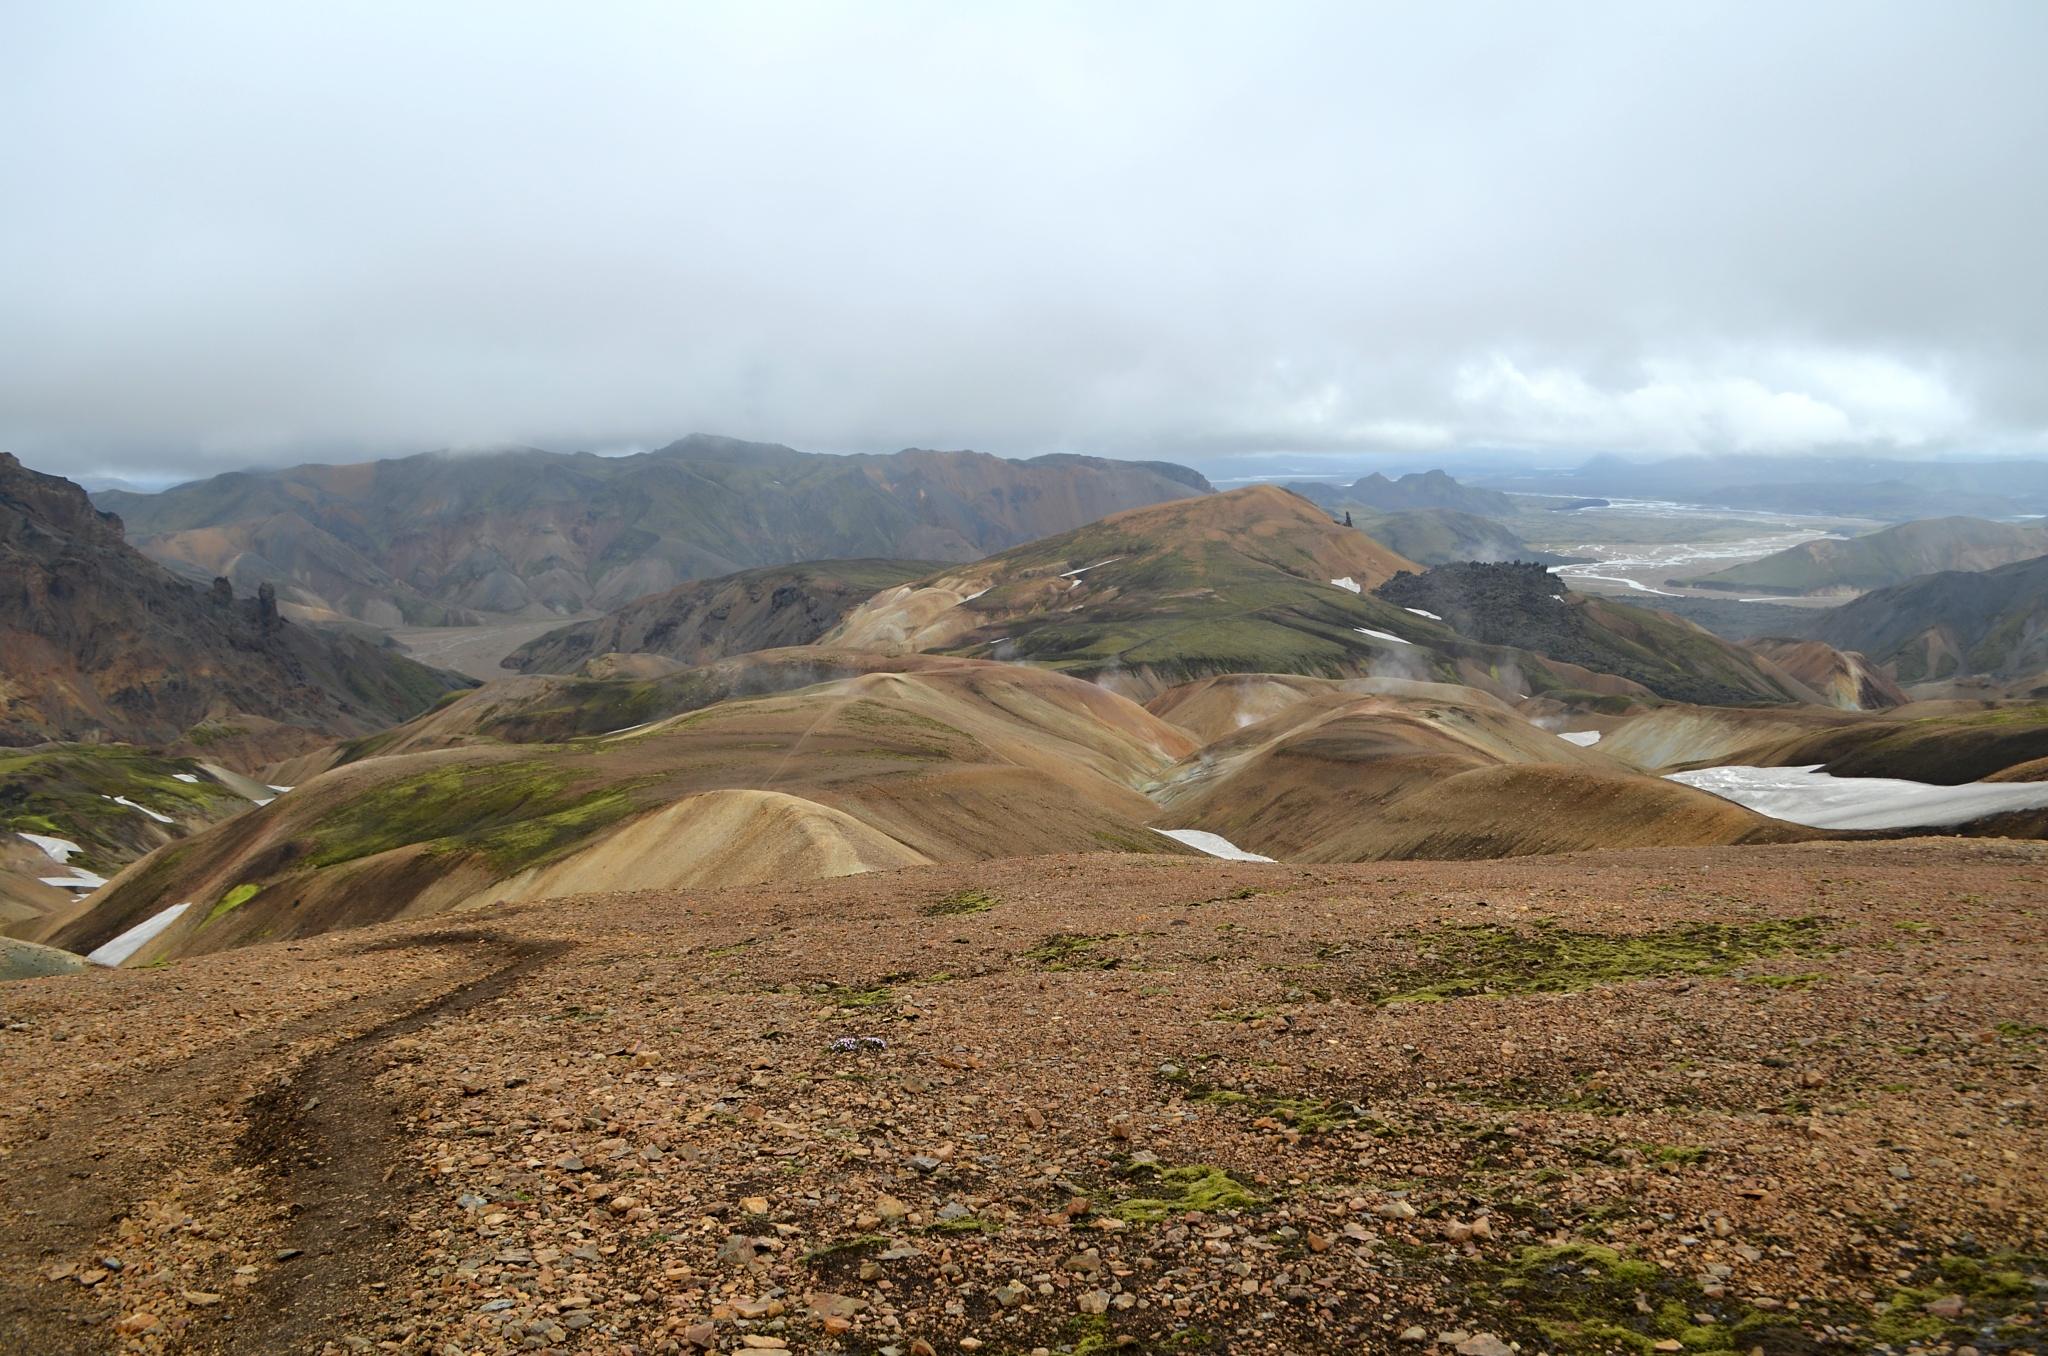 Duhové hory viděné ze stezky Laugavegur